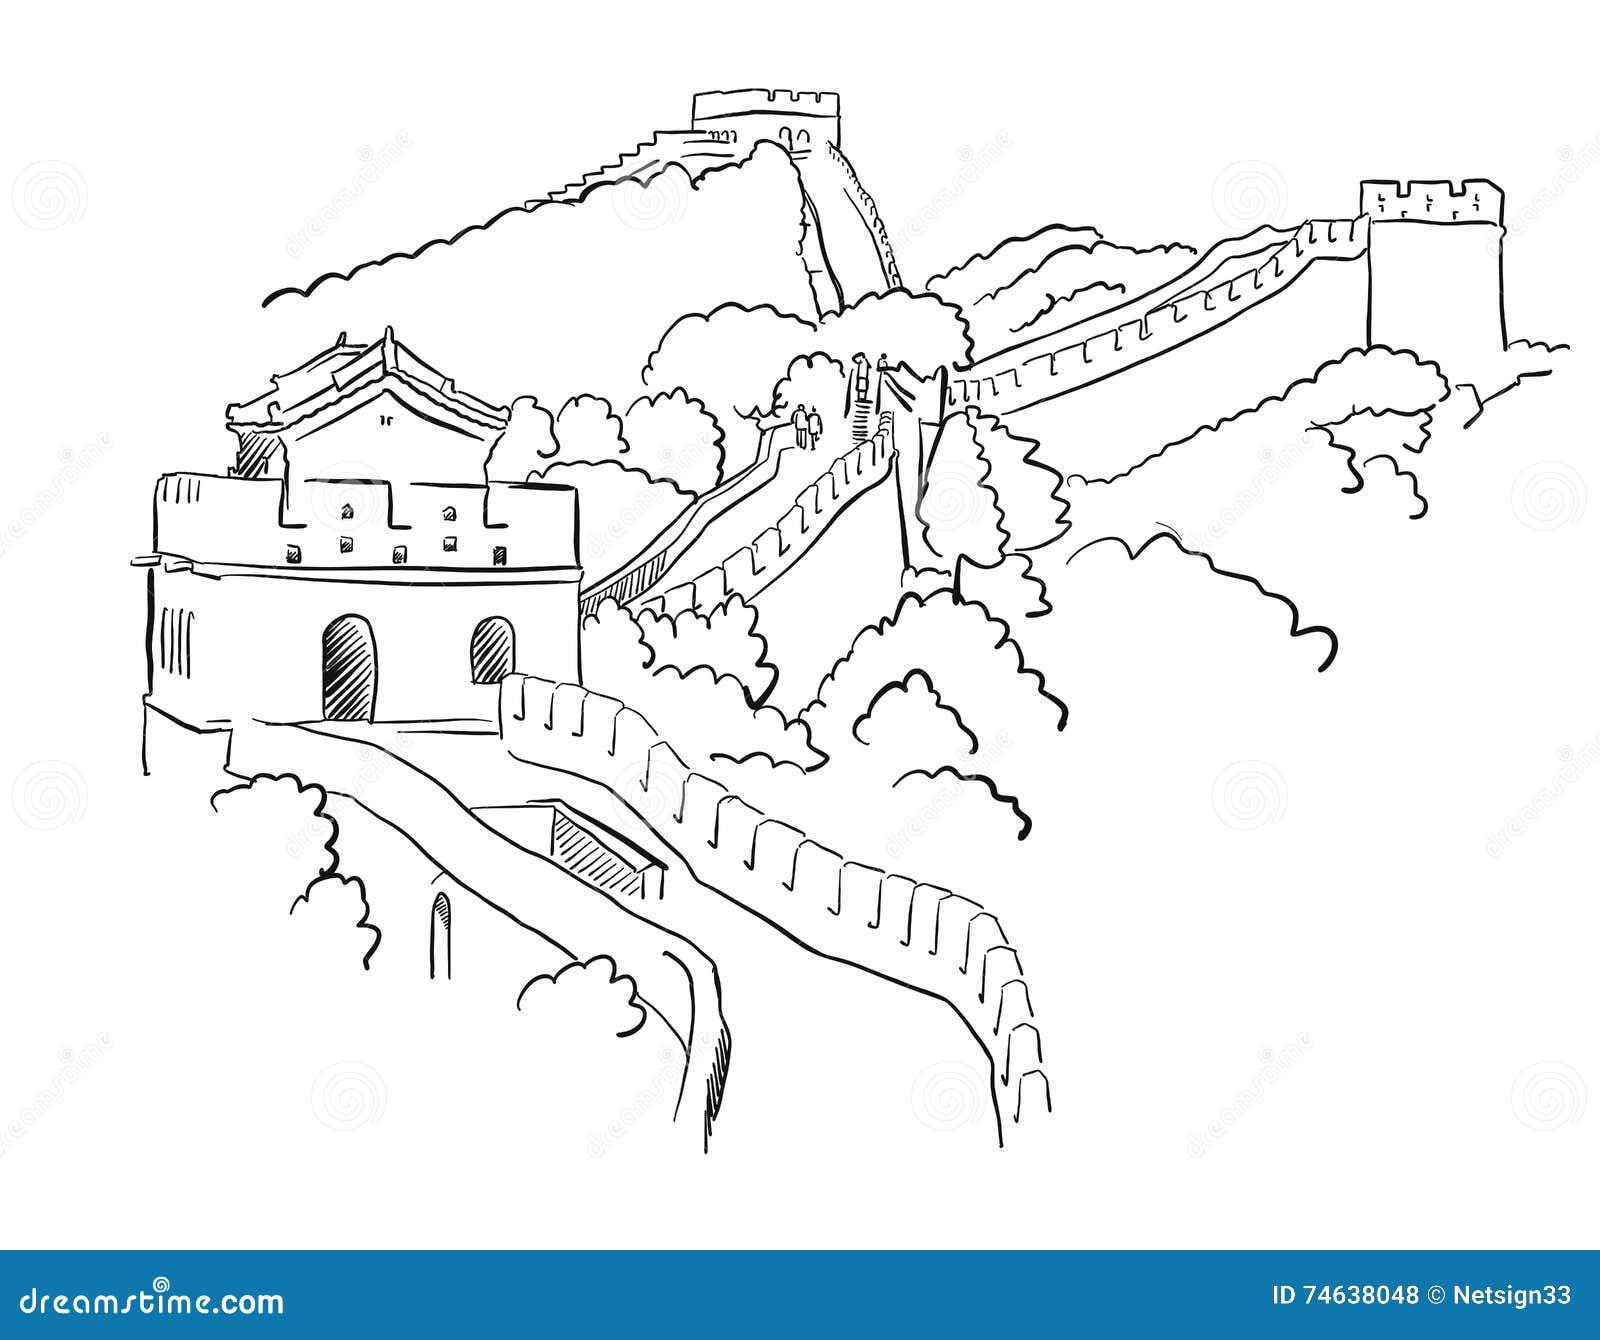 Coloring sheet great wall of china - China Great Wall Vector Sketch Stock Vector